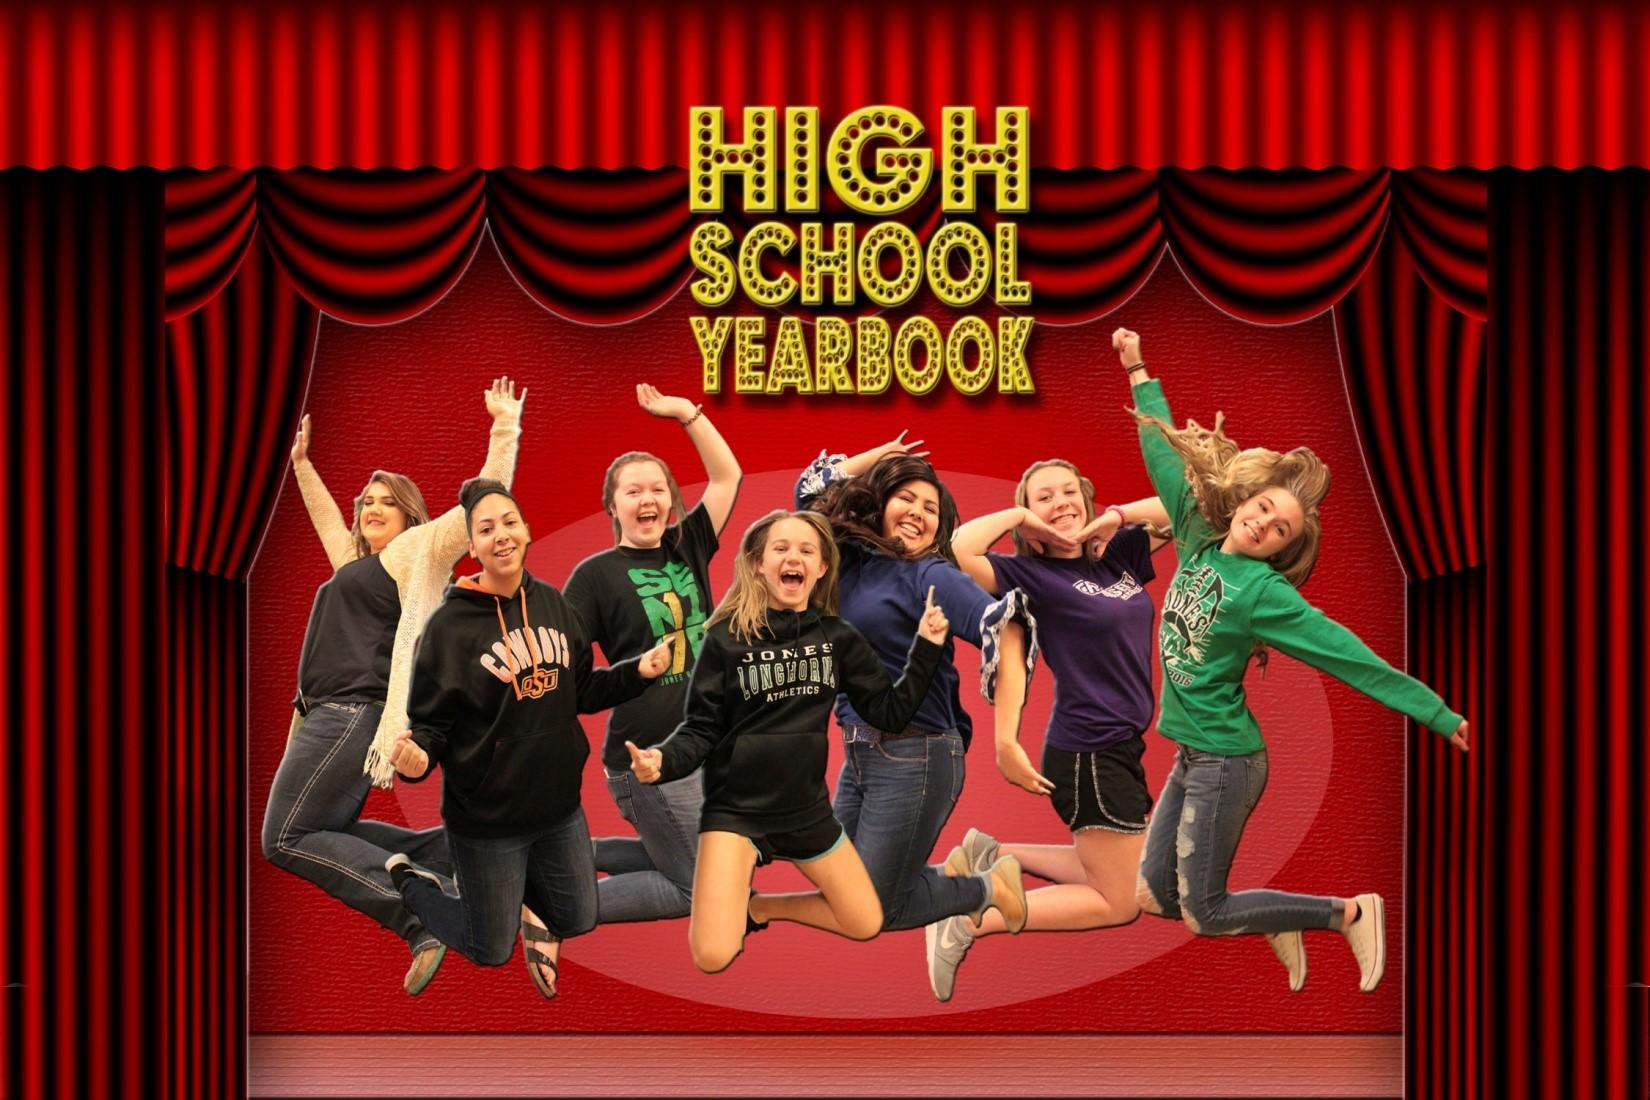 High school yearbook